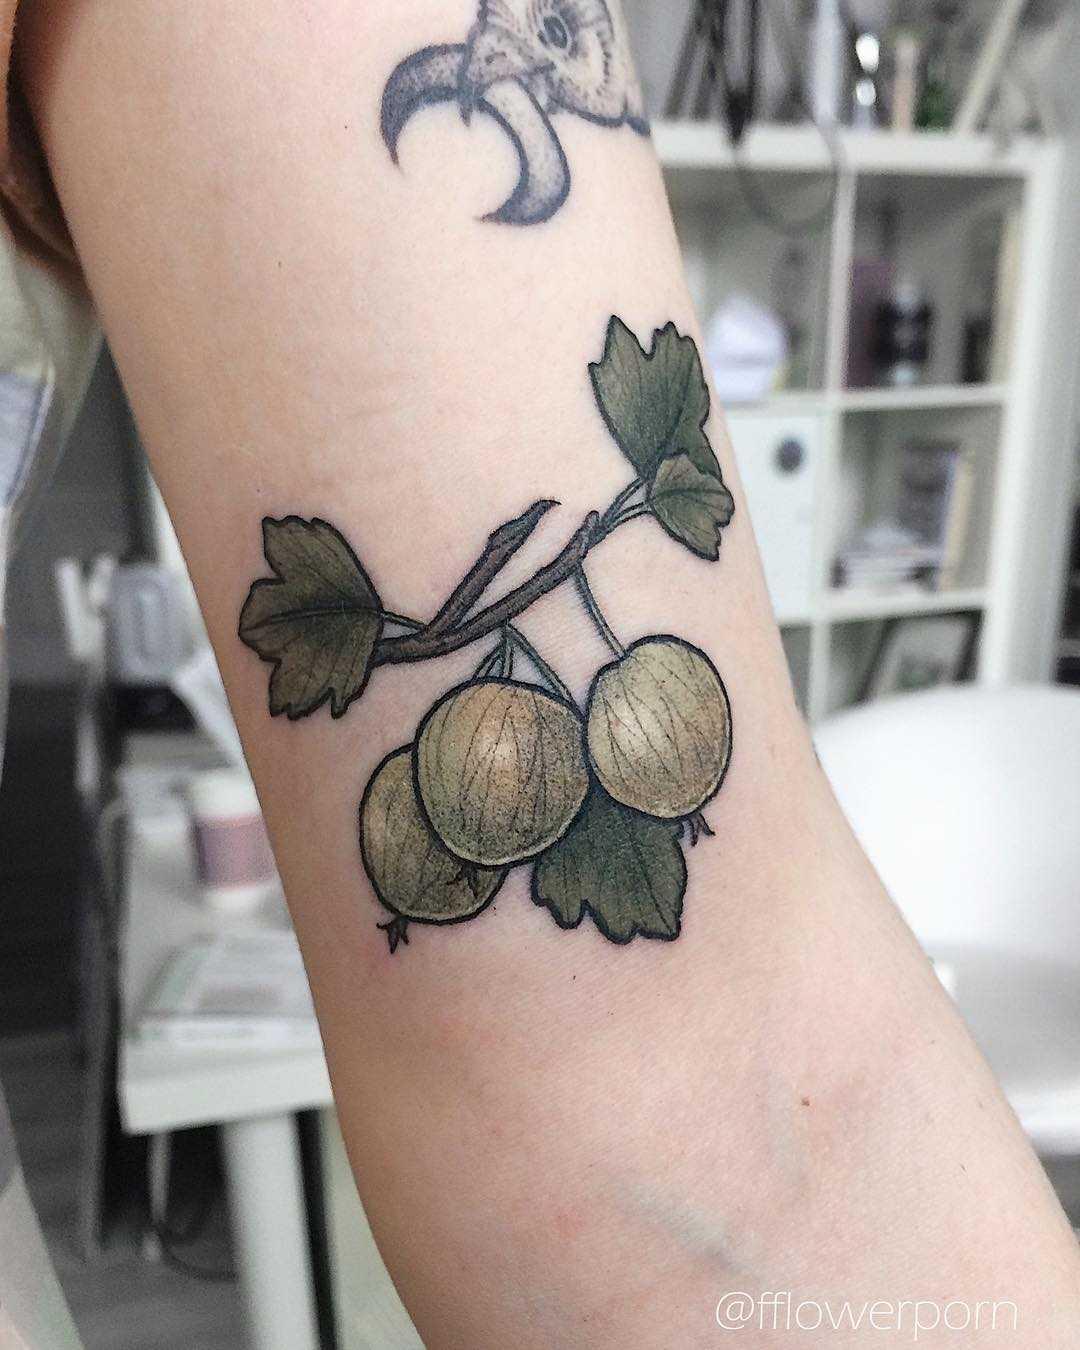 Tiny gooseberry tattoo